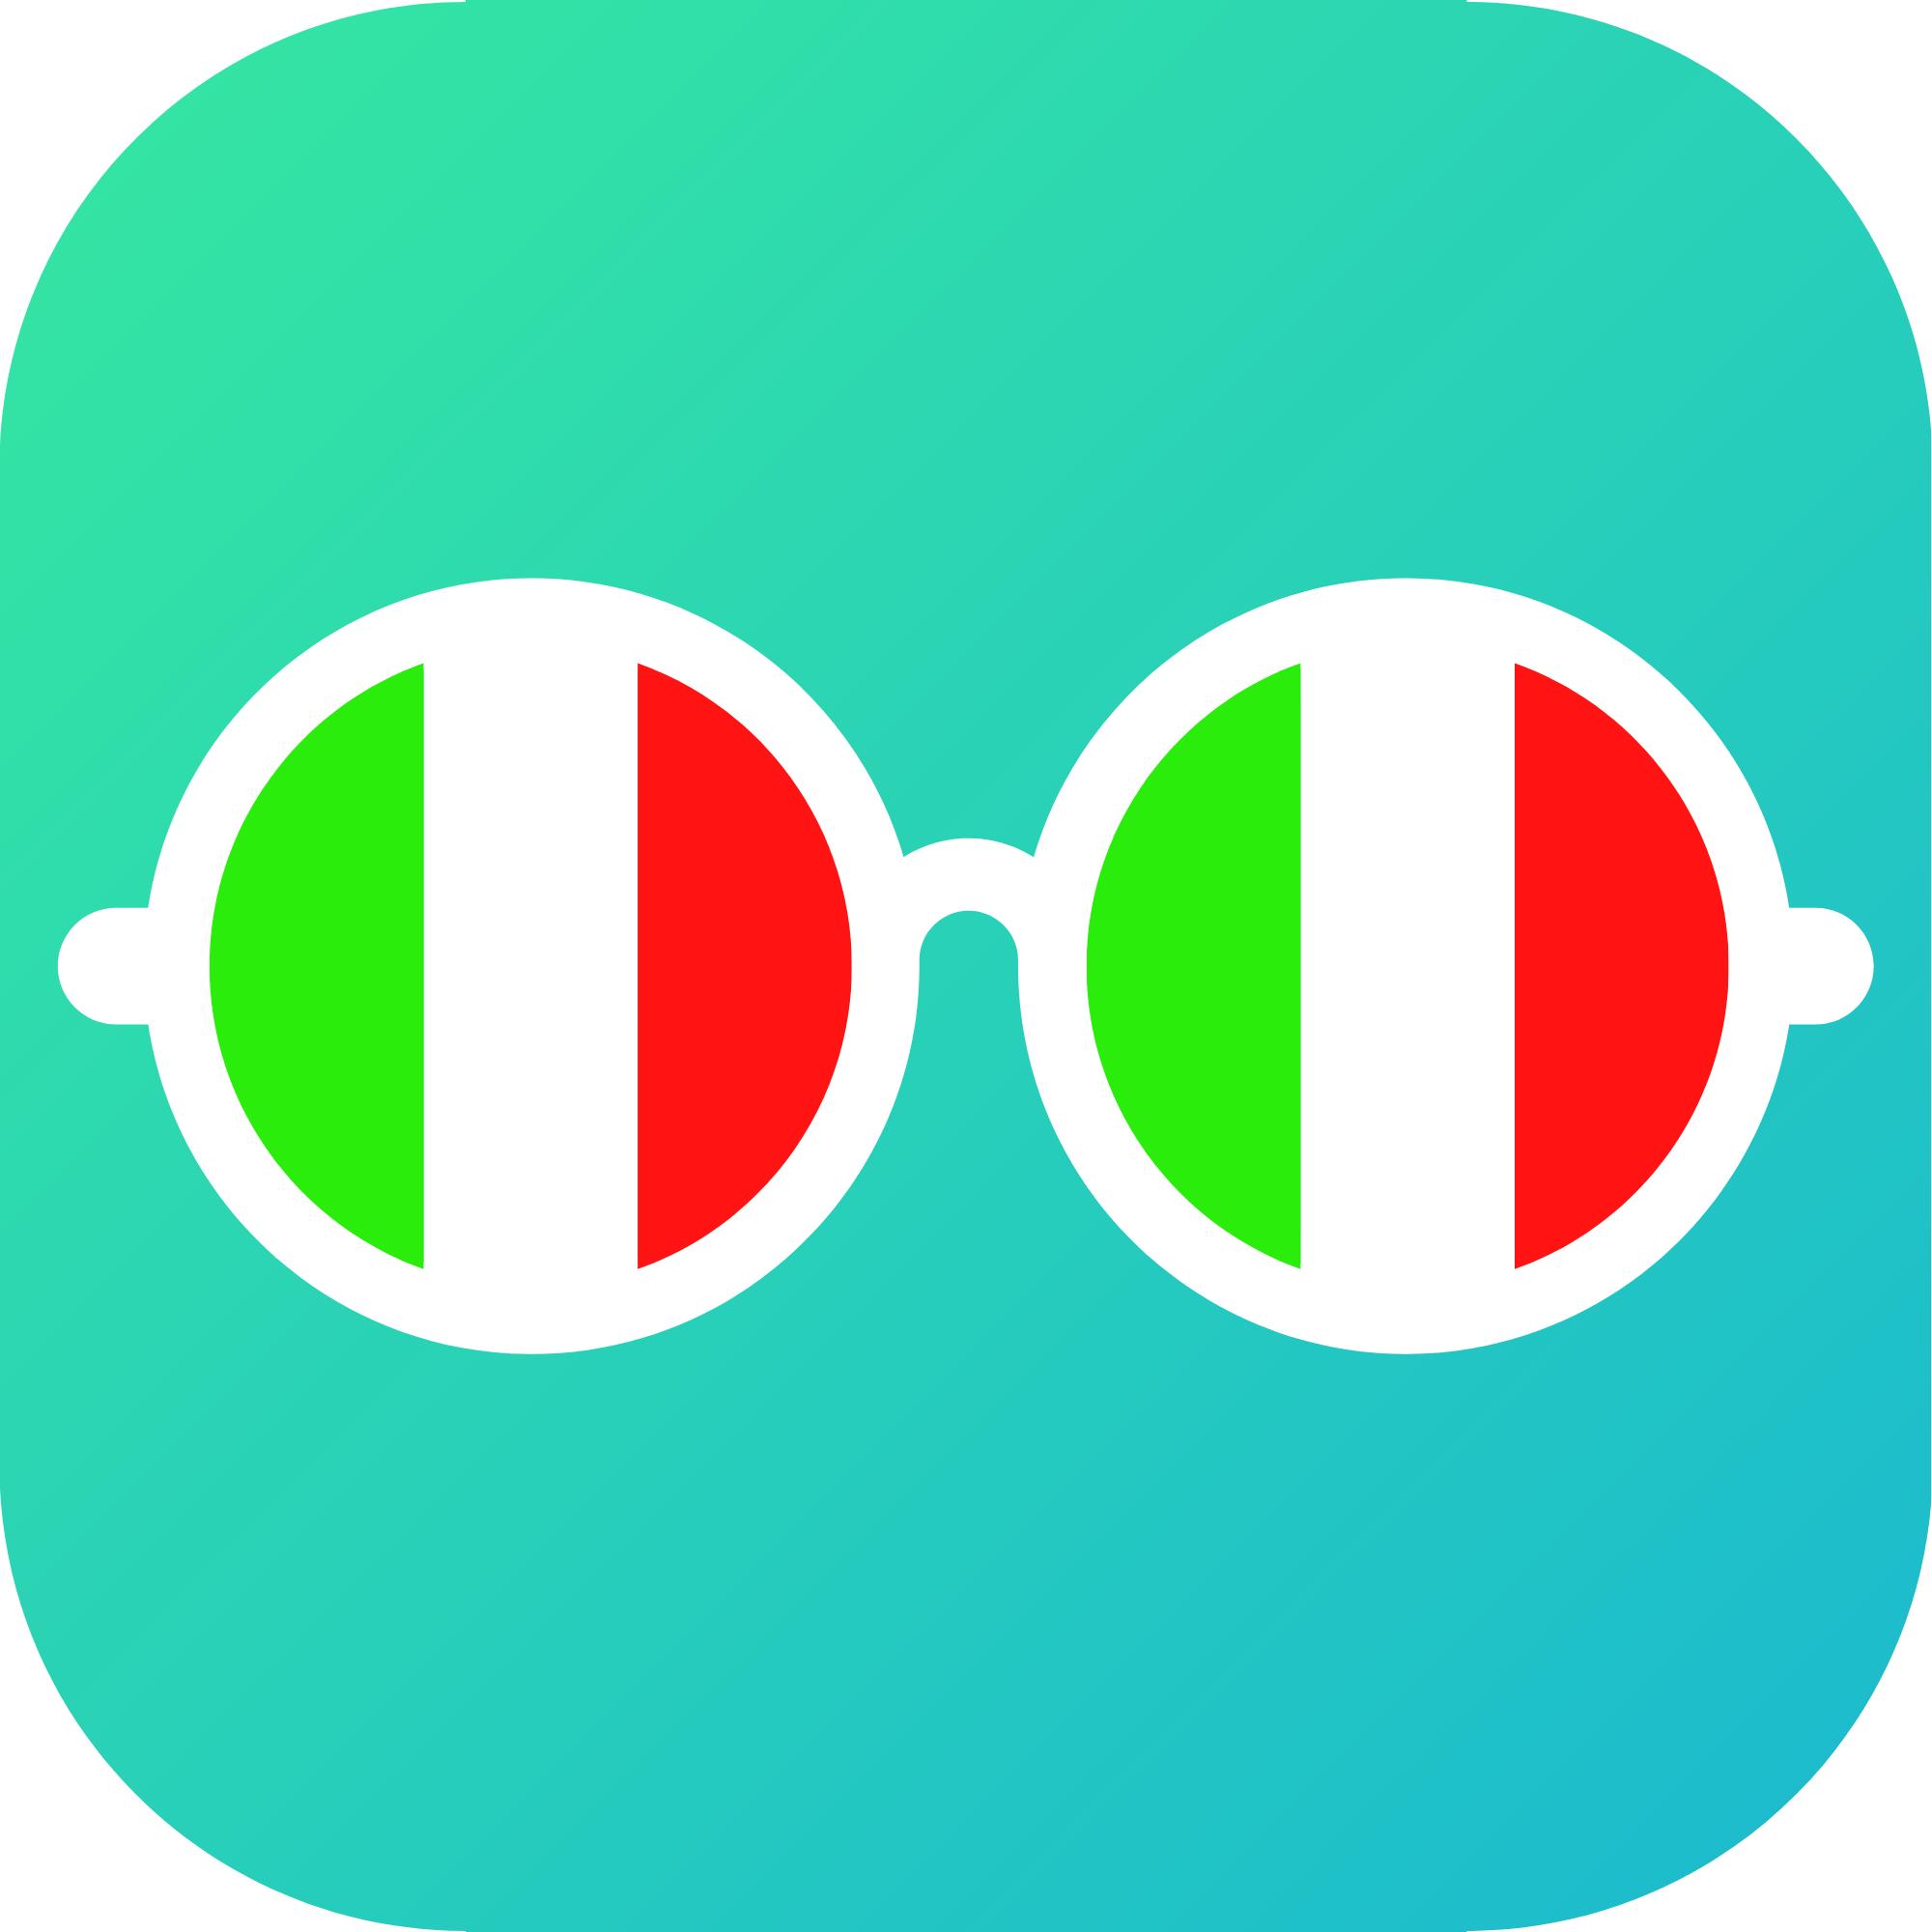 Italian glasses frames